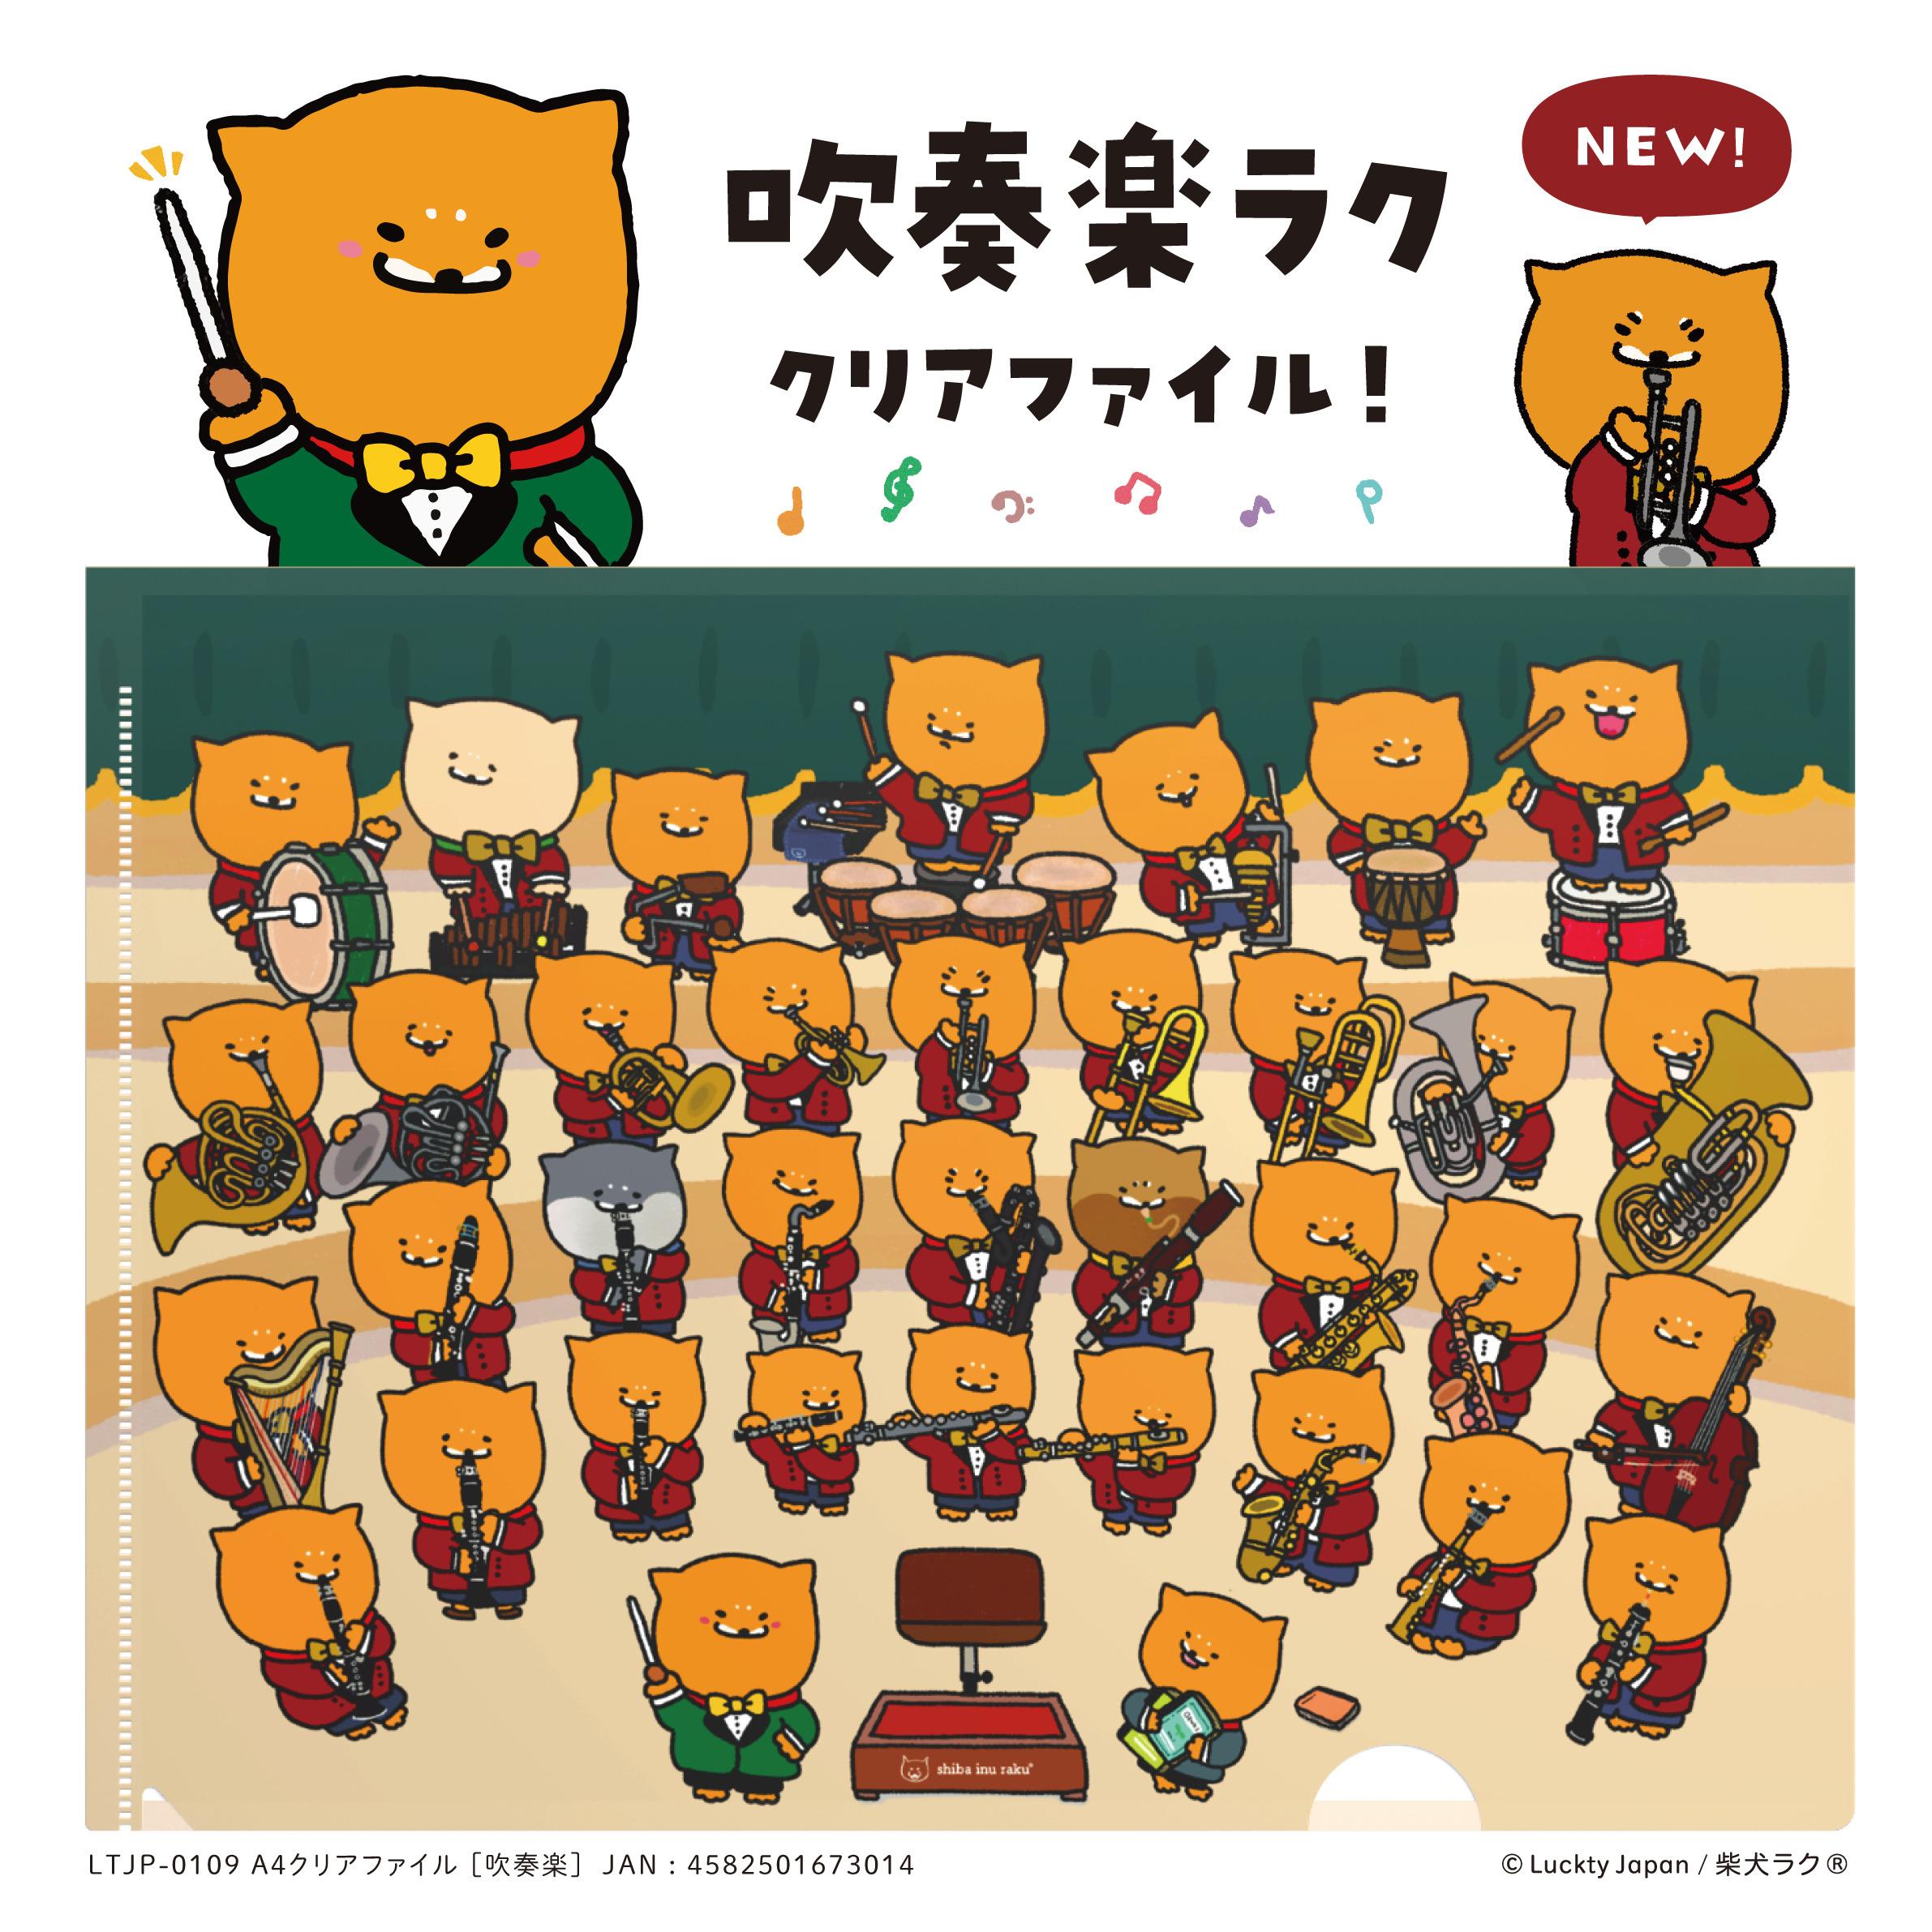 吹奏楽団のクリアファイル新発売!